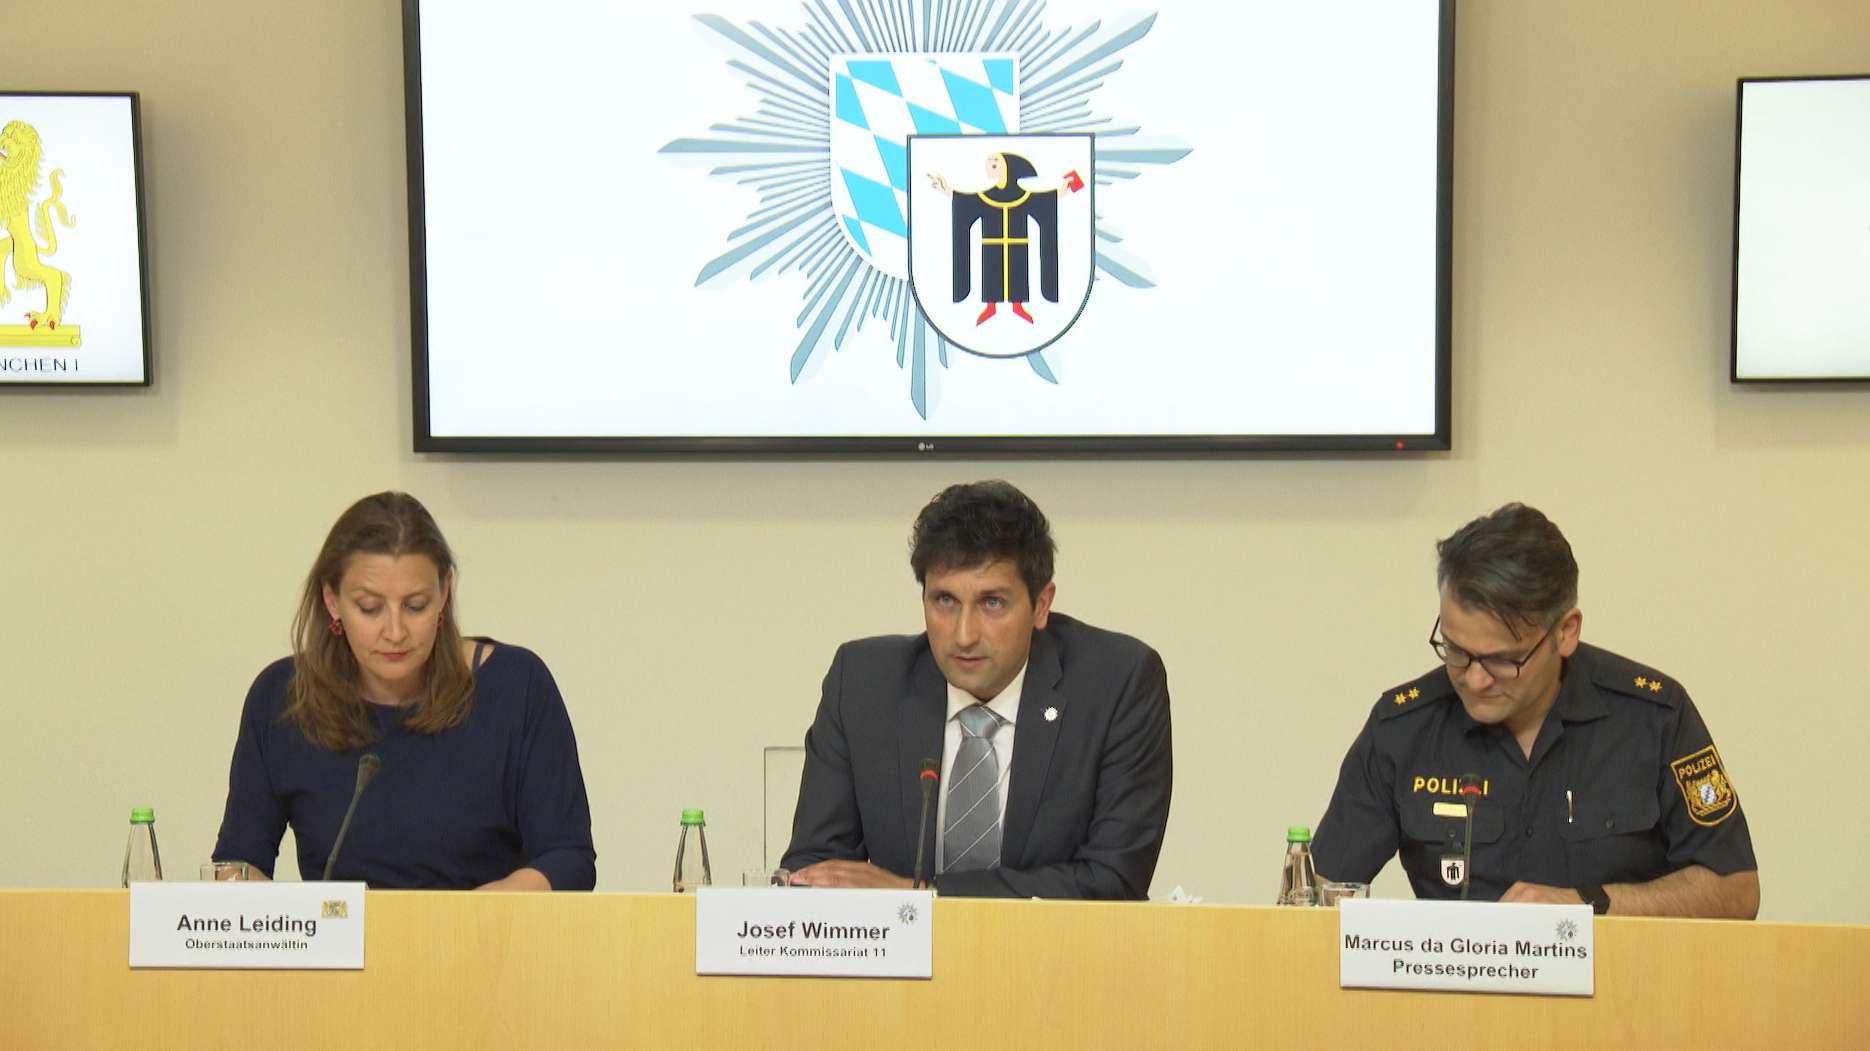 Pressekonferenz von Staatsanwaltschaft und Mordkommission nach Messerattacke in Münchner Hotel